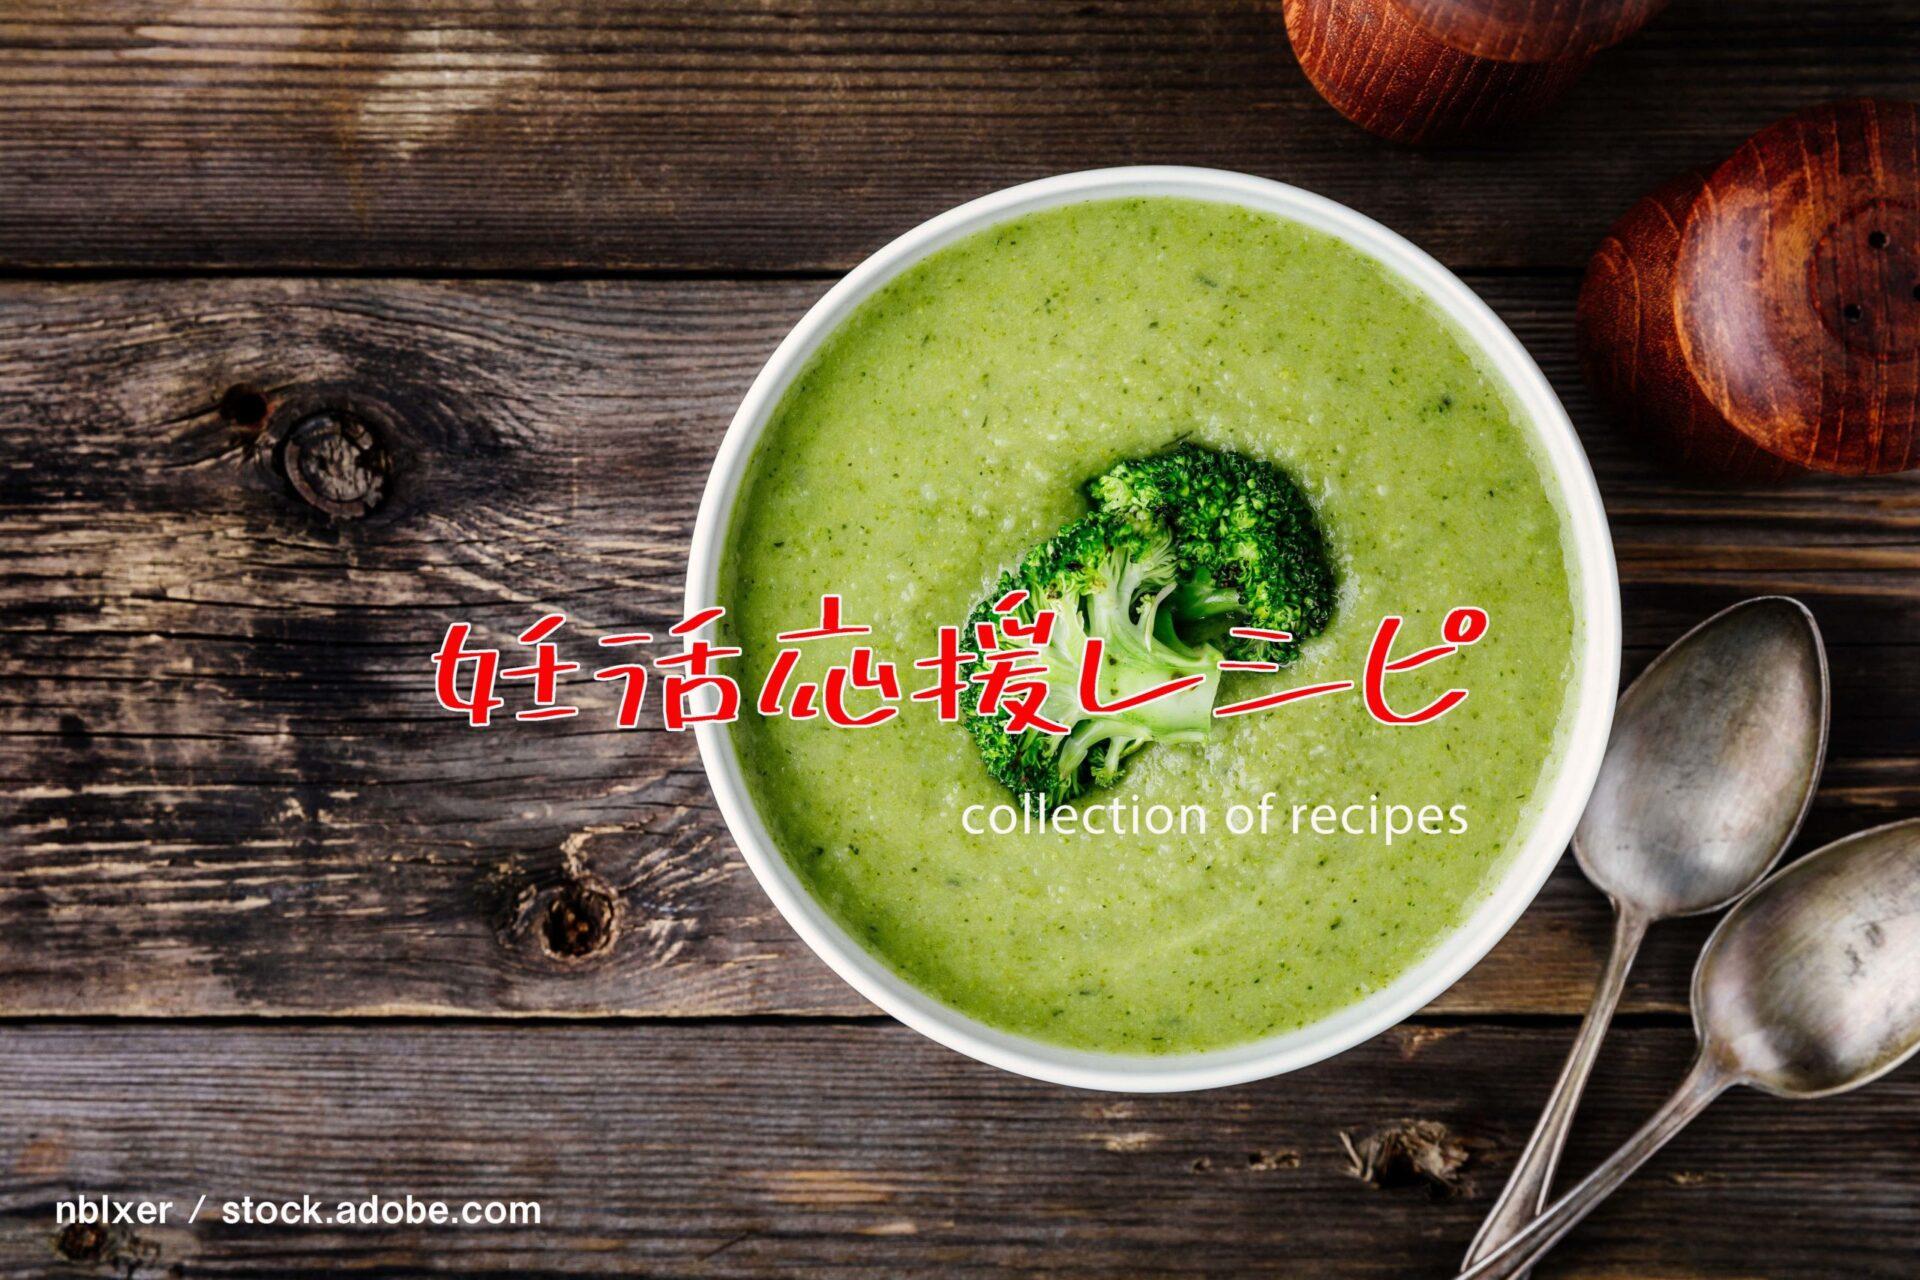 【着床率アップ】簡単でおいしい妊活応援レシピ・作り方|人気・おすすめ順